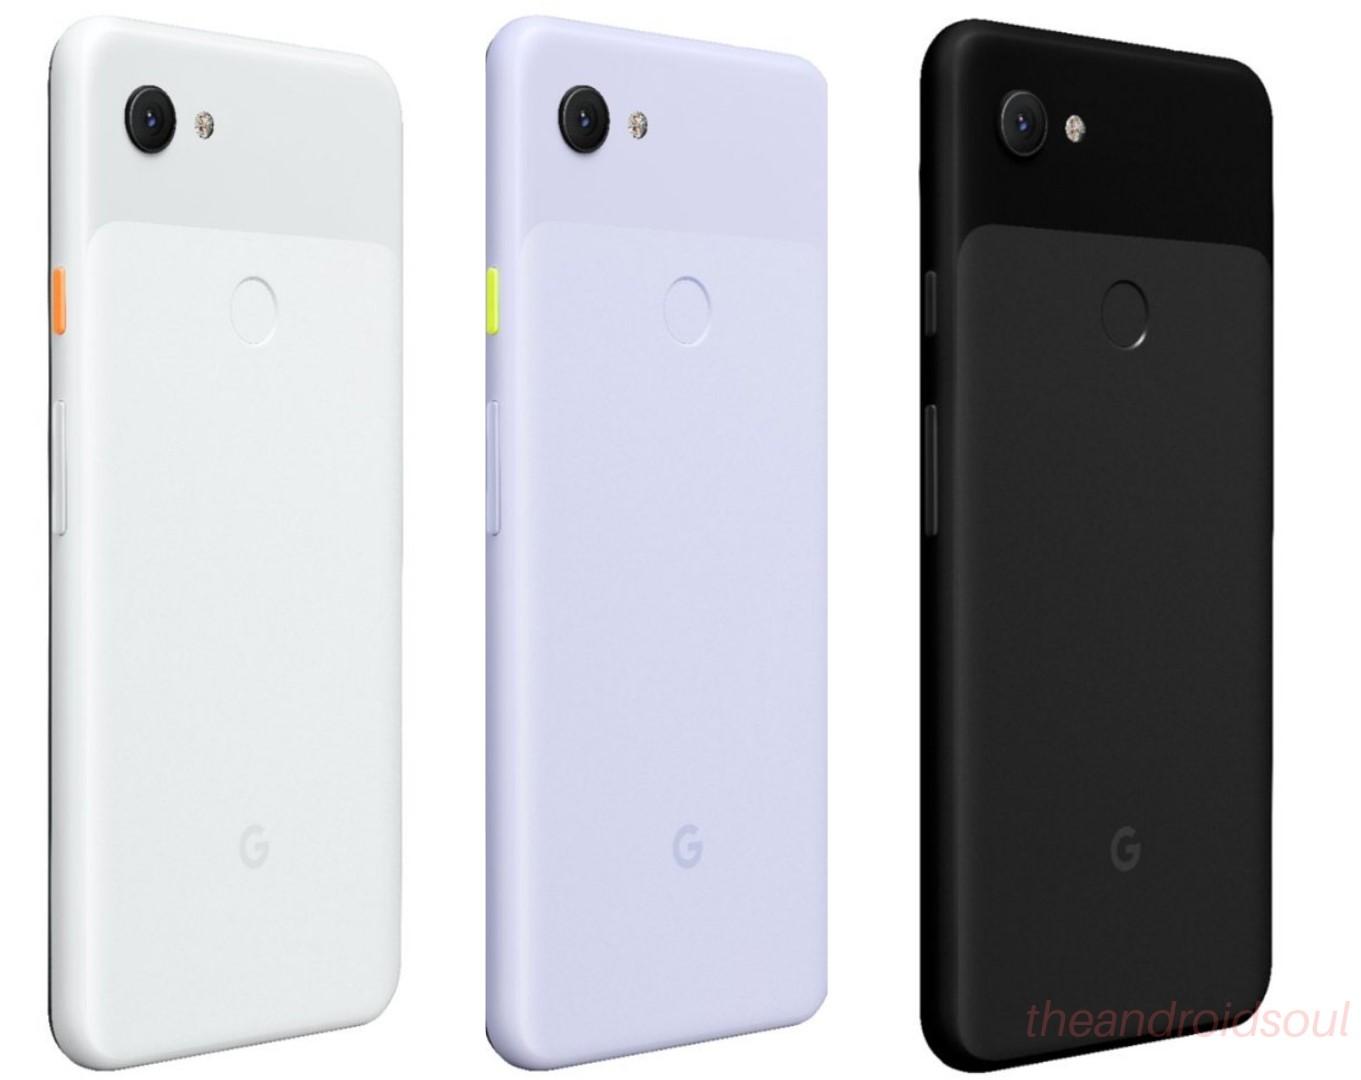 Google Pixel 3a XL update